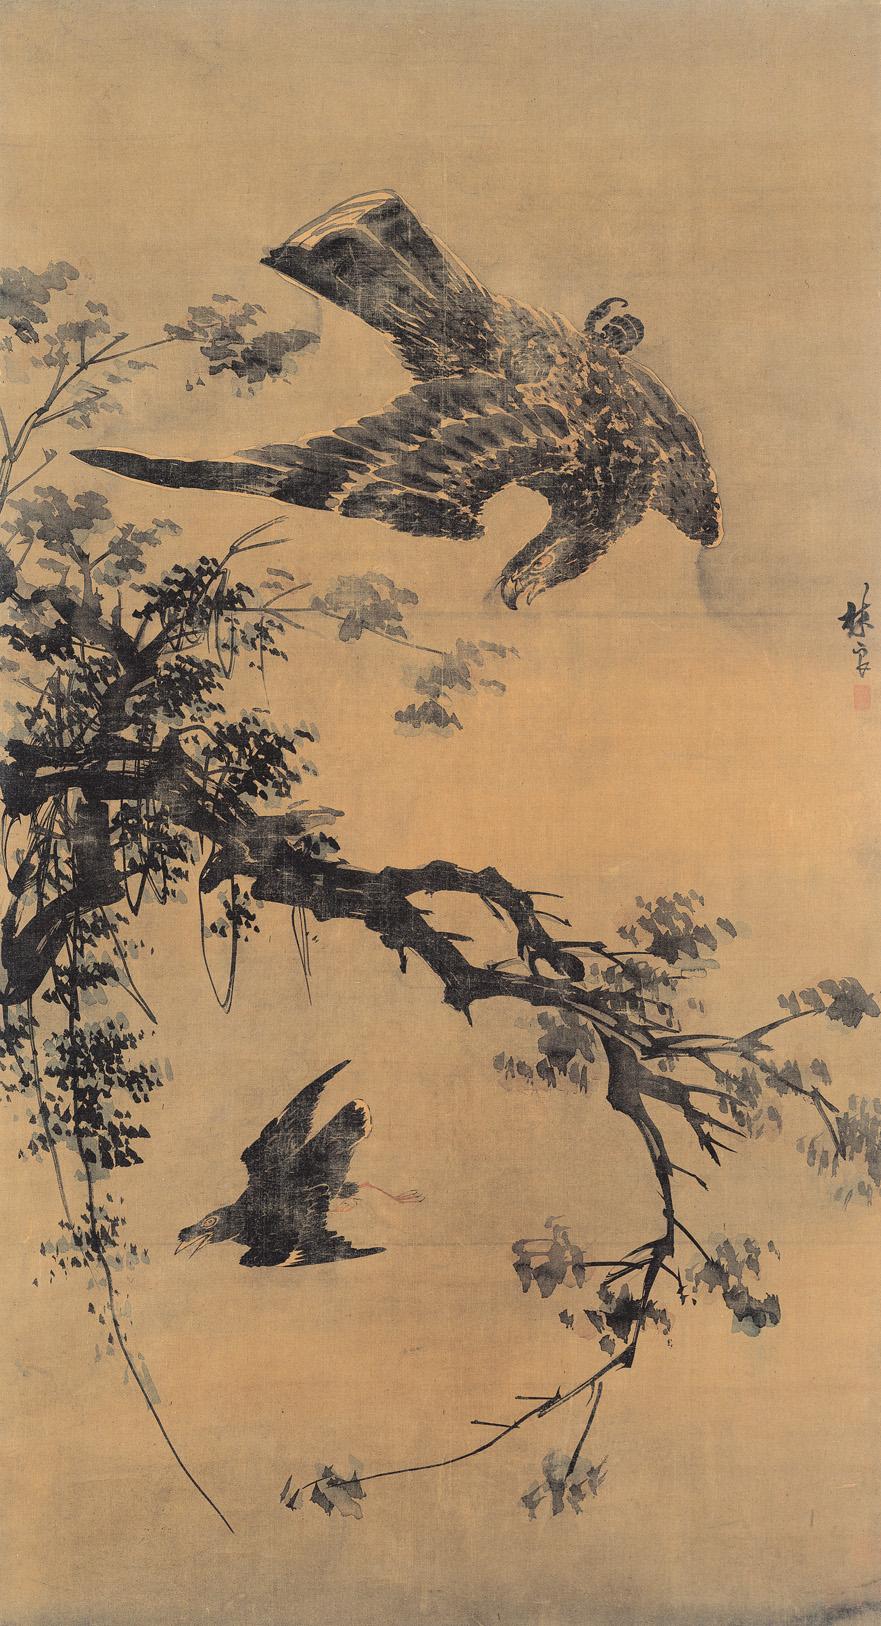 明 林良 秋鷹 台北故宫博物院藏(国宝级文物)